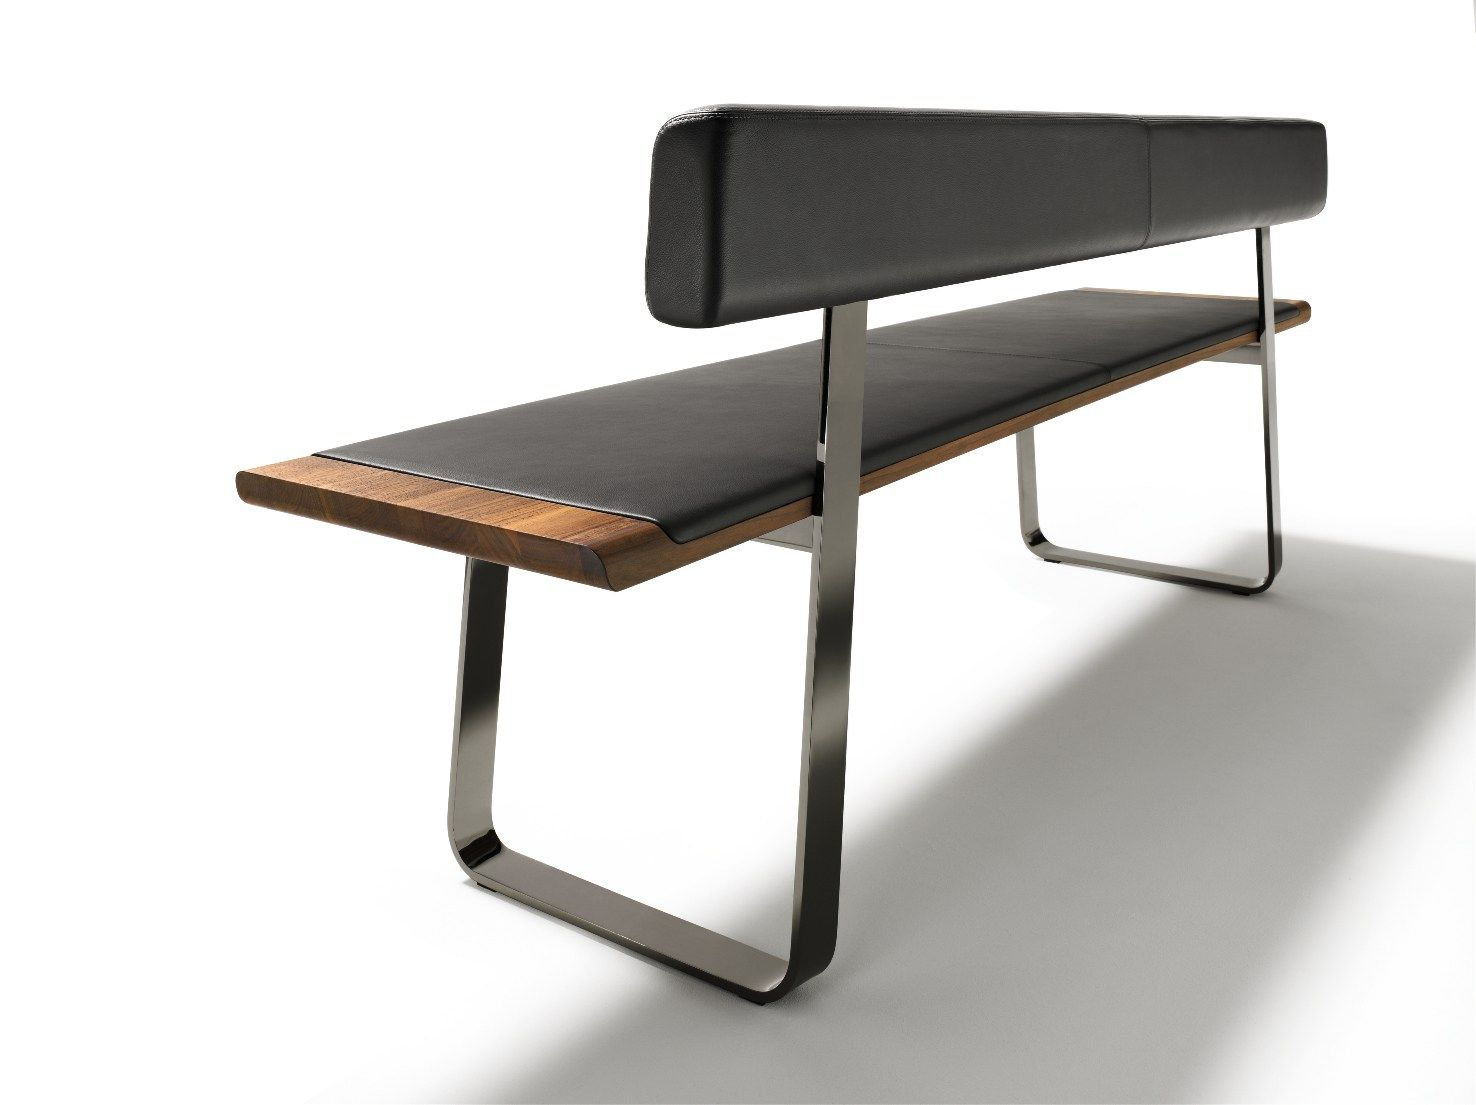 panche in legno naturale arricchite da metallo pelle e tessuto. Black Bedroom Furniture Sets. Home Design Ideas